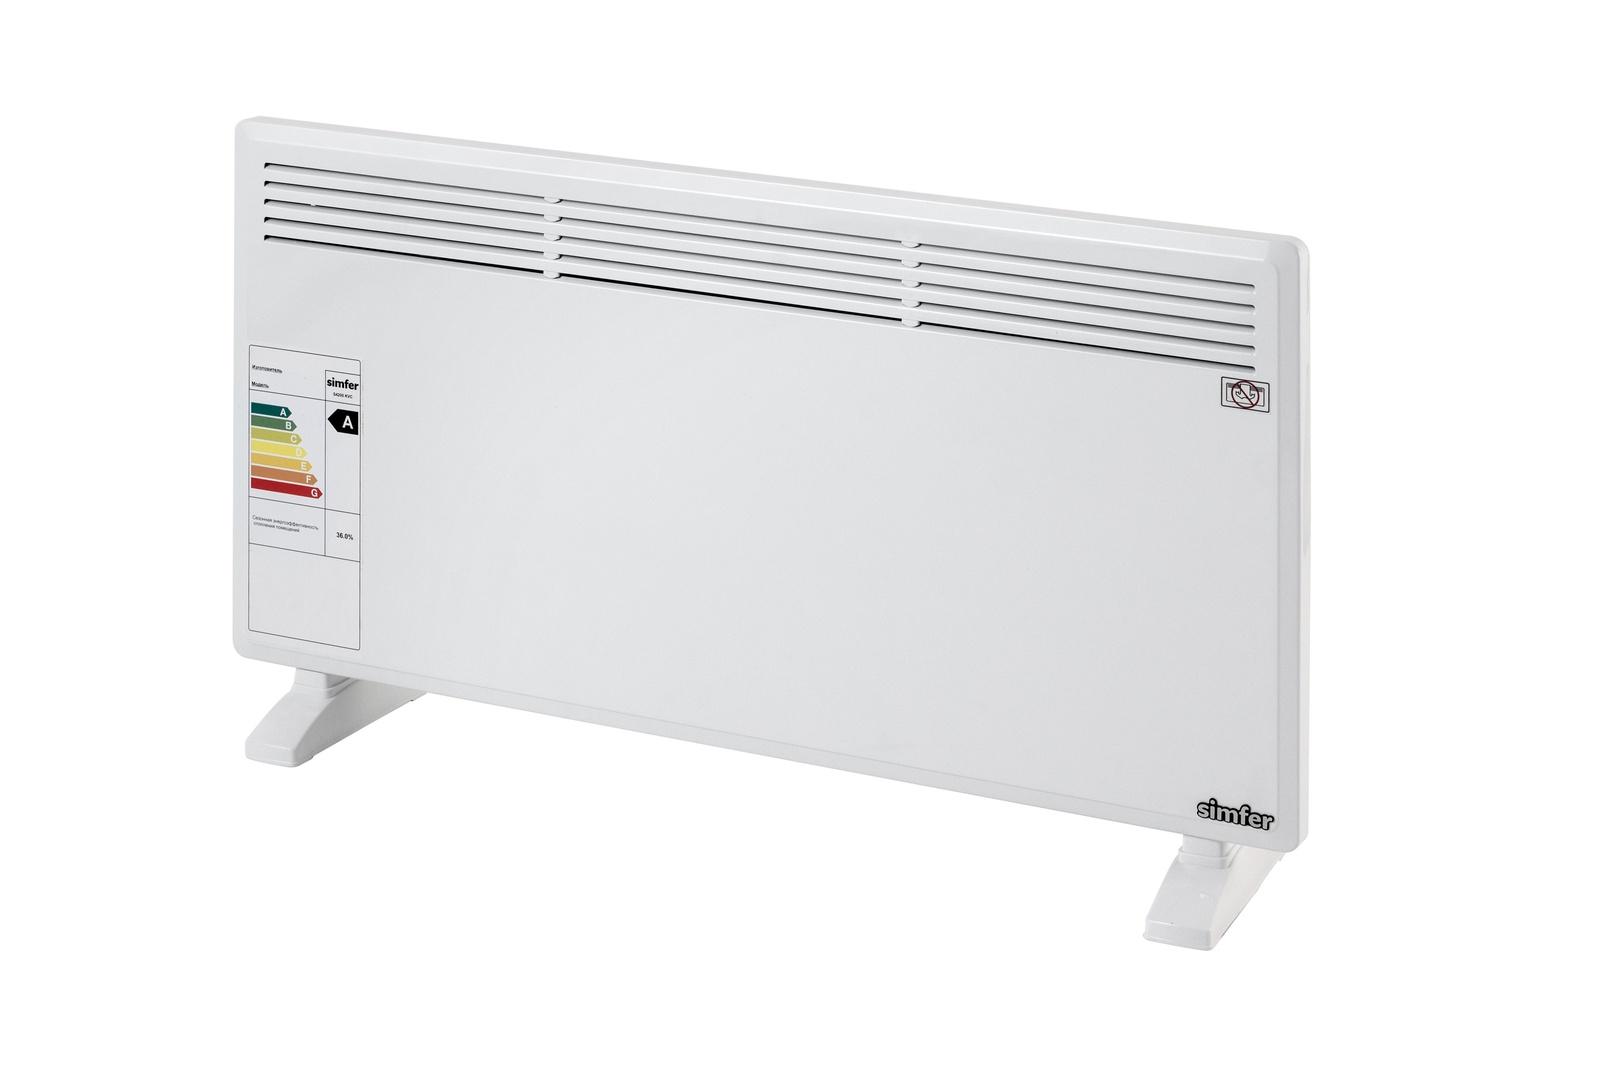 Конвекторный обогреватель Simfer S 4200 KVC